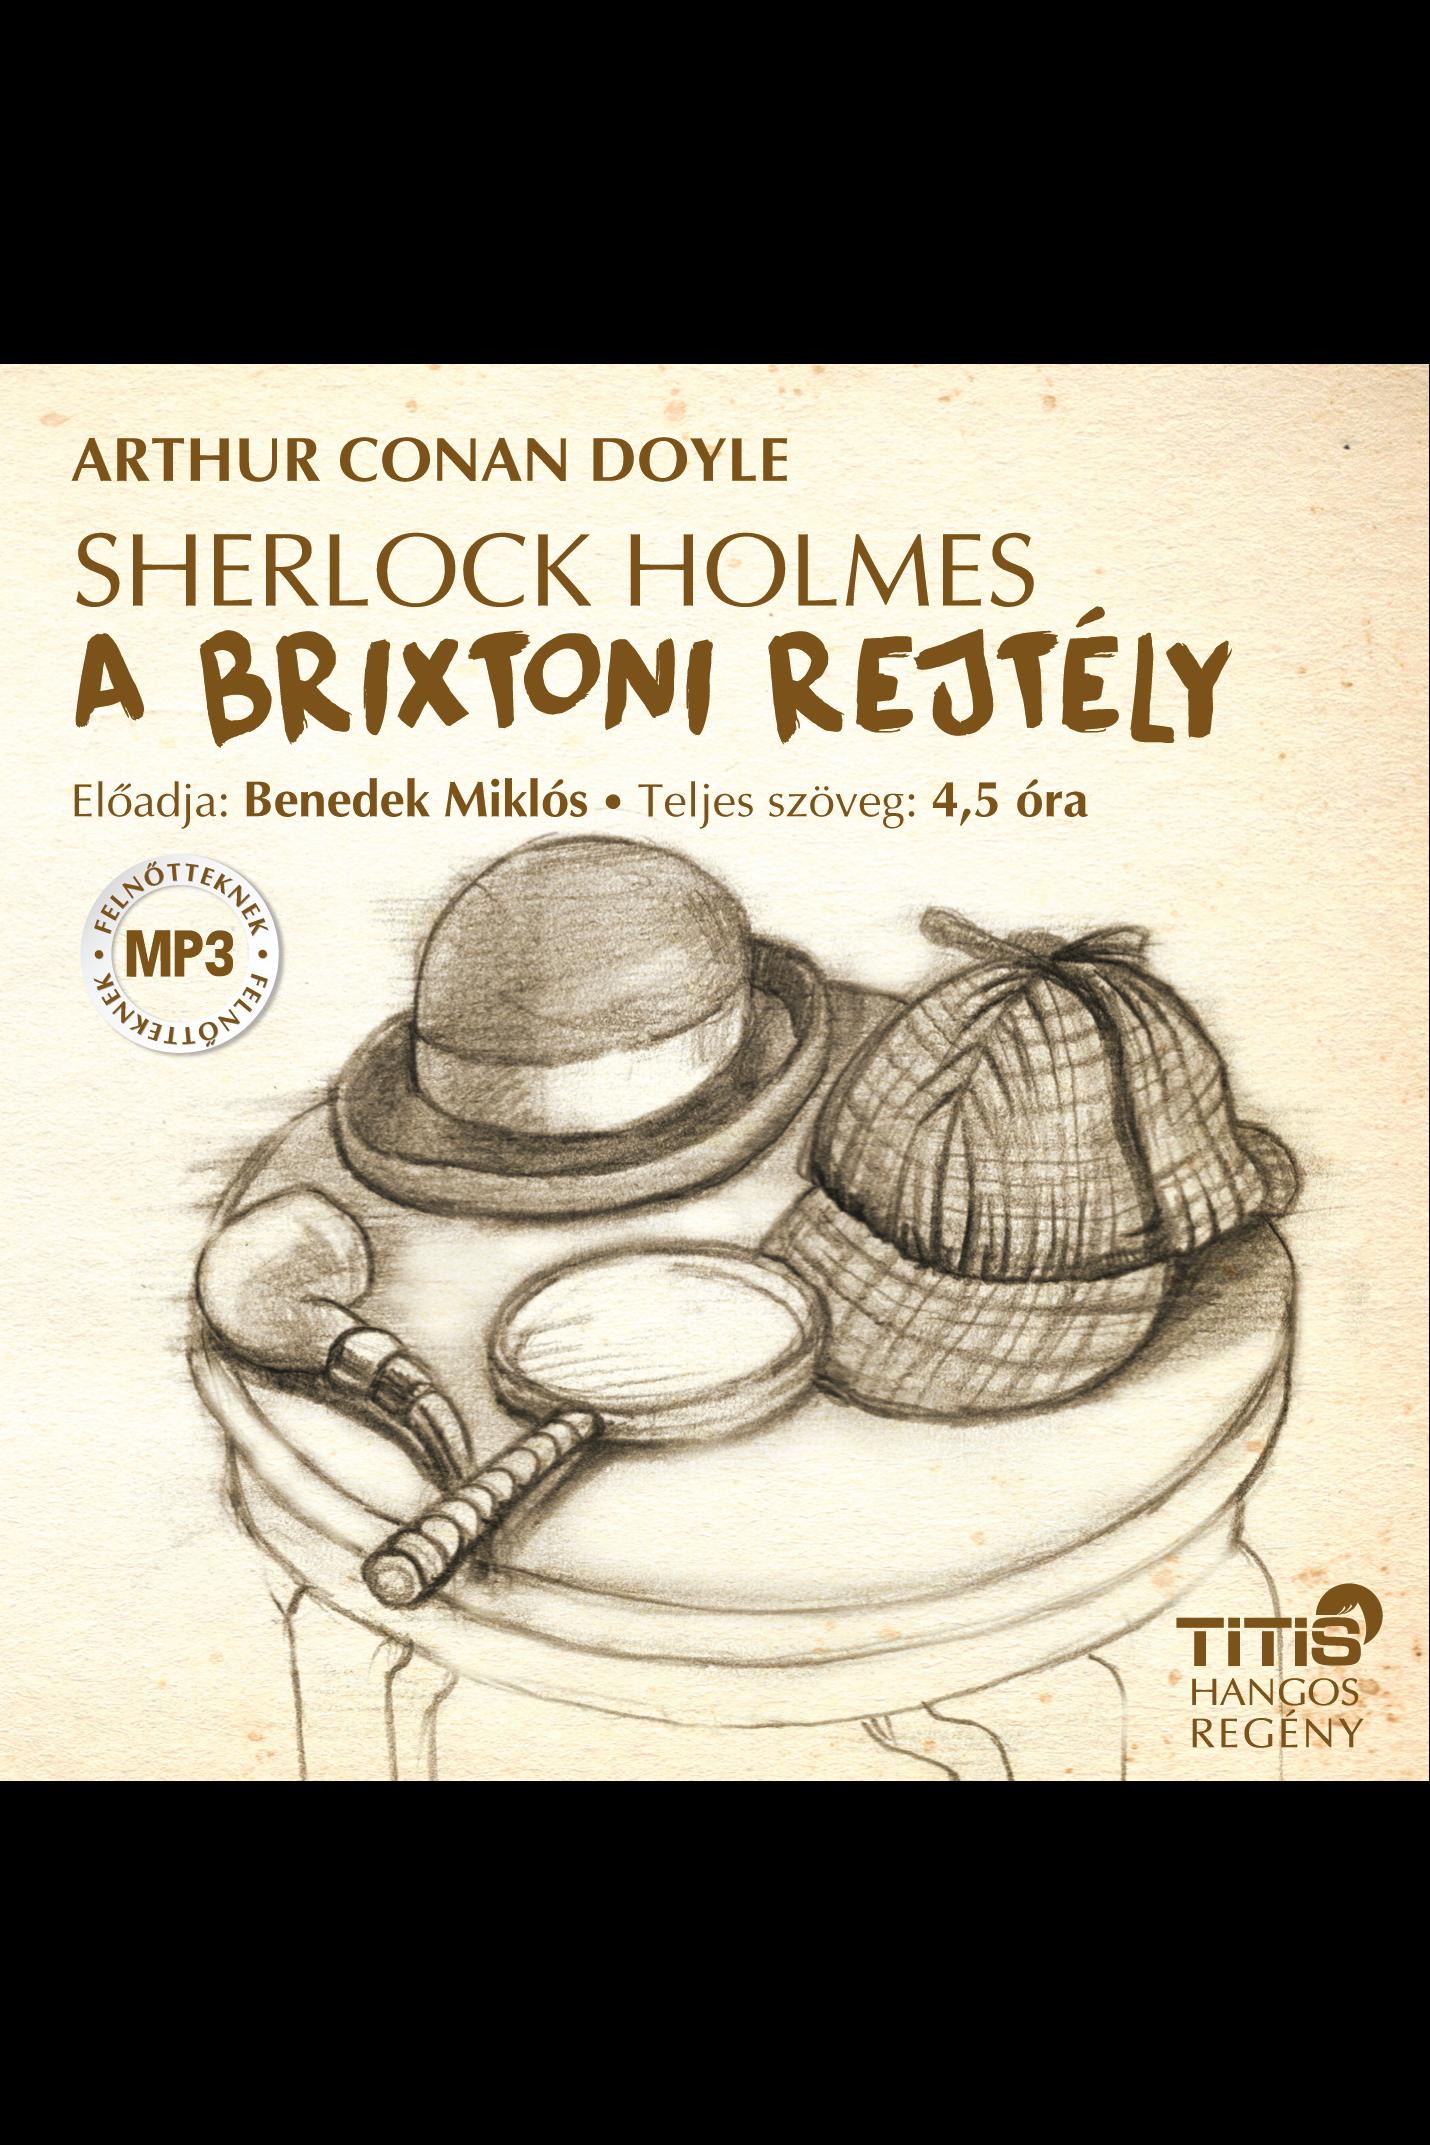 Arthur Conan Doyle: Sherlock Holmes - (1. regény)  A brixtoni rejtély